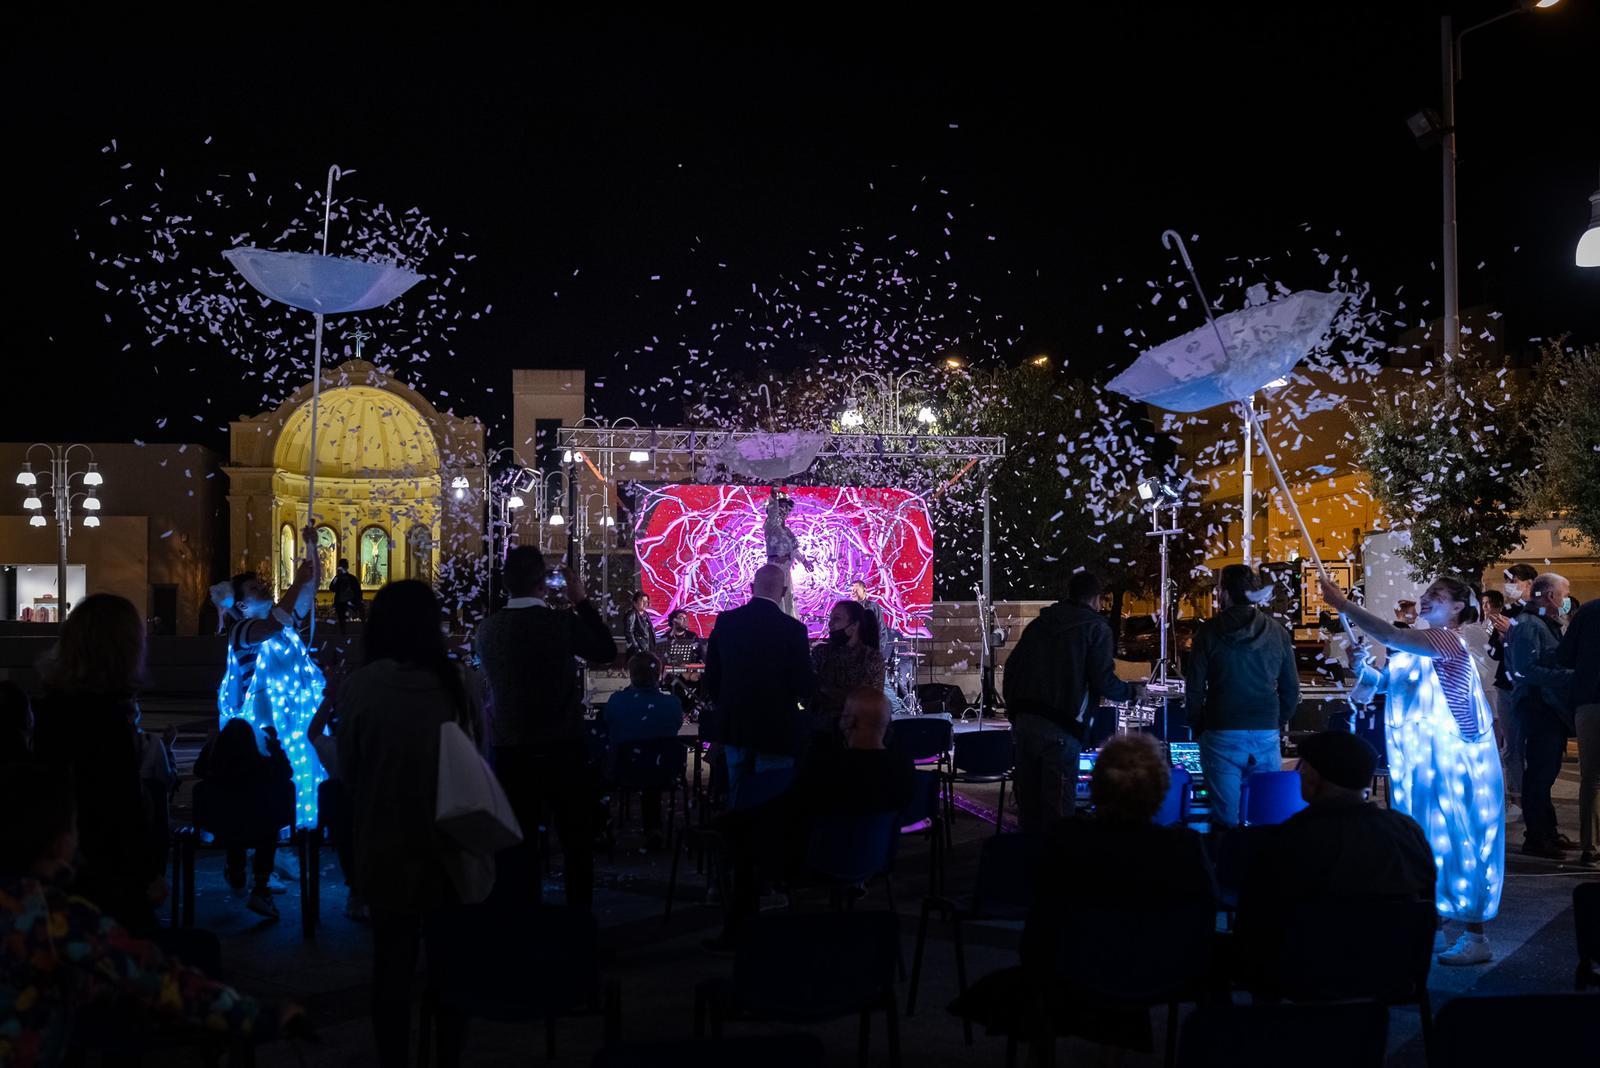 organizzazione eventi in piazza, sale ricevimento, matrimonio, compleanno.